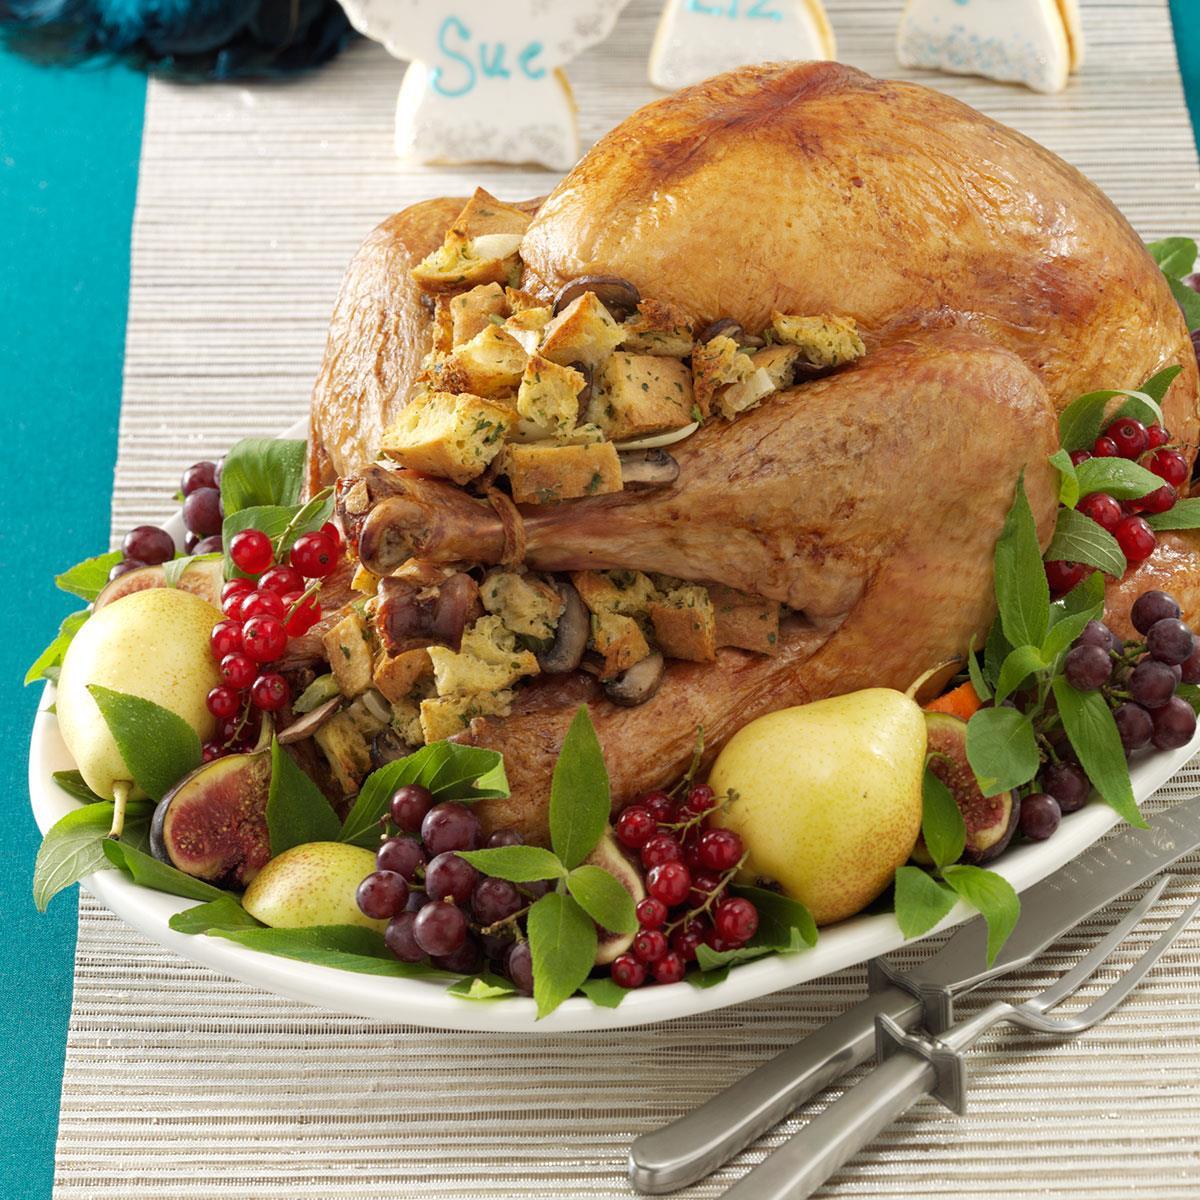 Mushroom-Onion Stuffed Turkey Recipe | Taste of Home